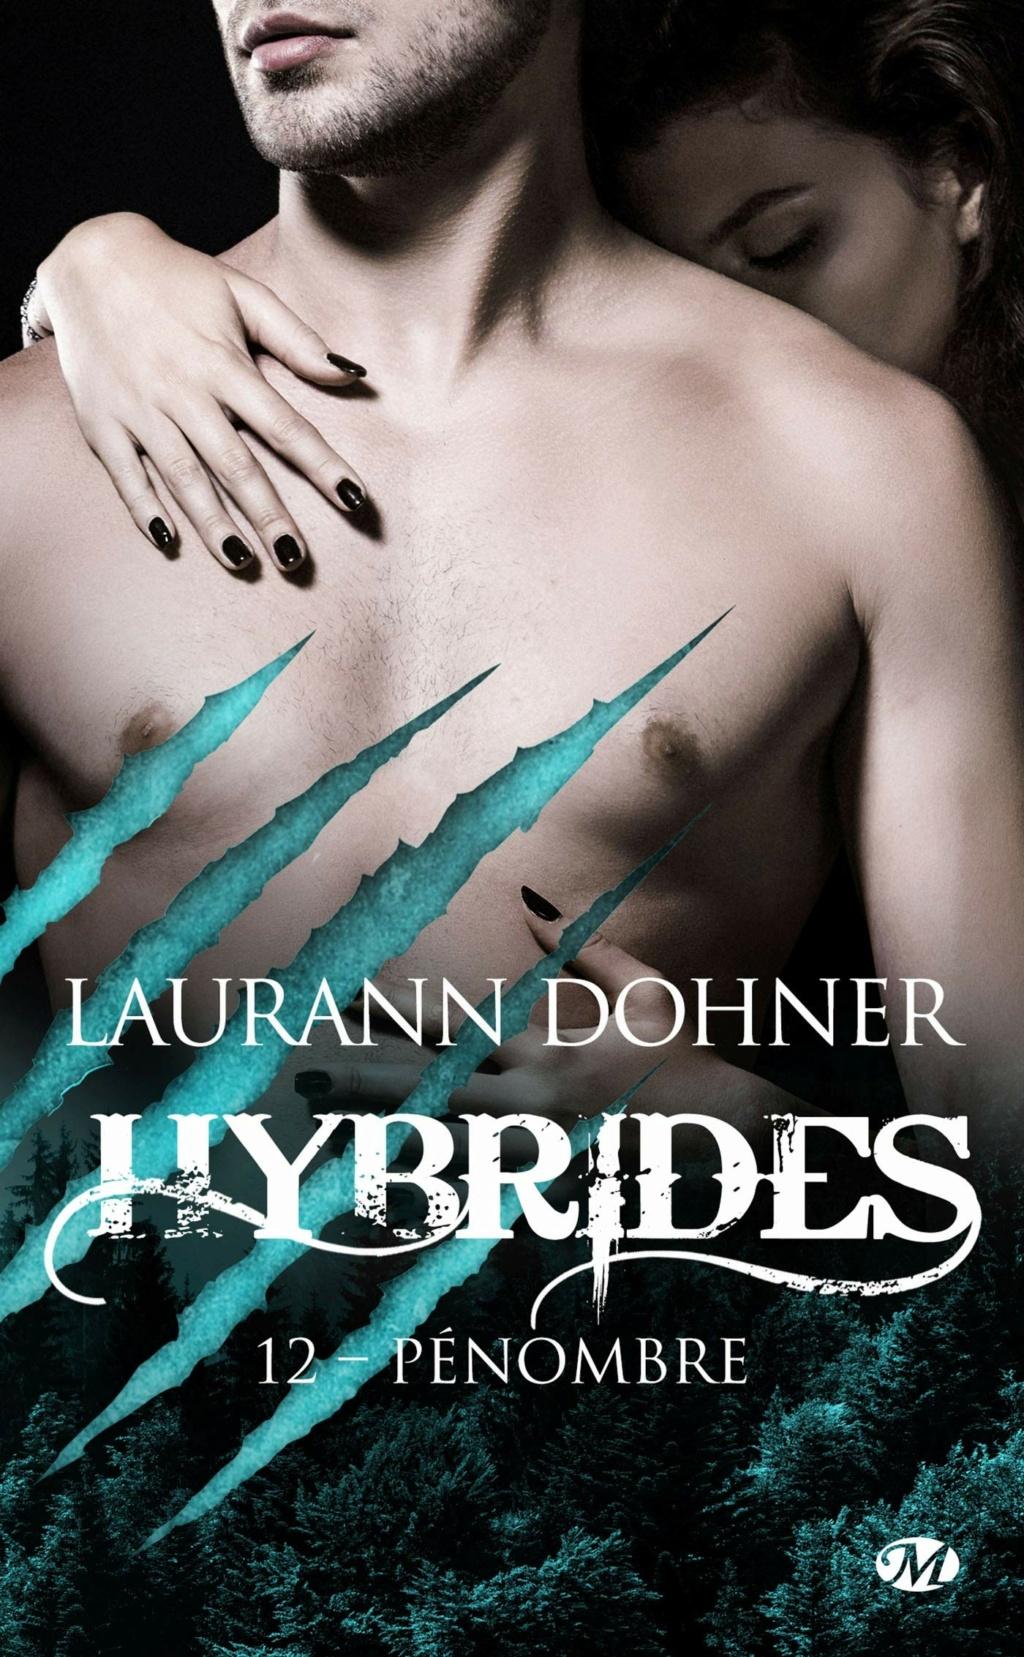 Hybrides - Tome 12 : Pénombre de Laurann Dohner Hybrid12